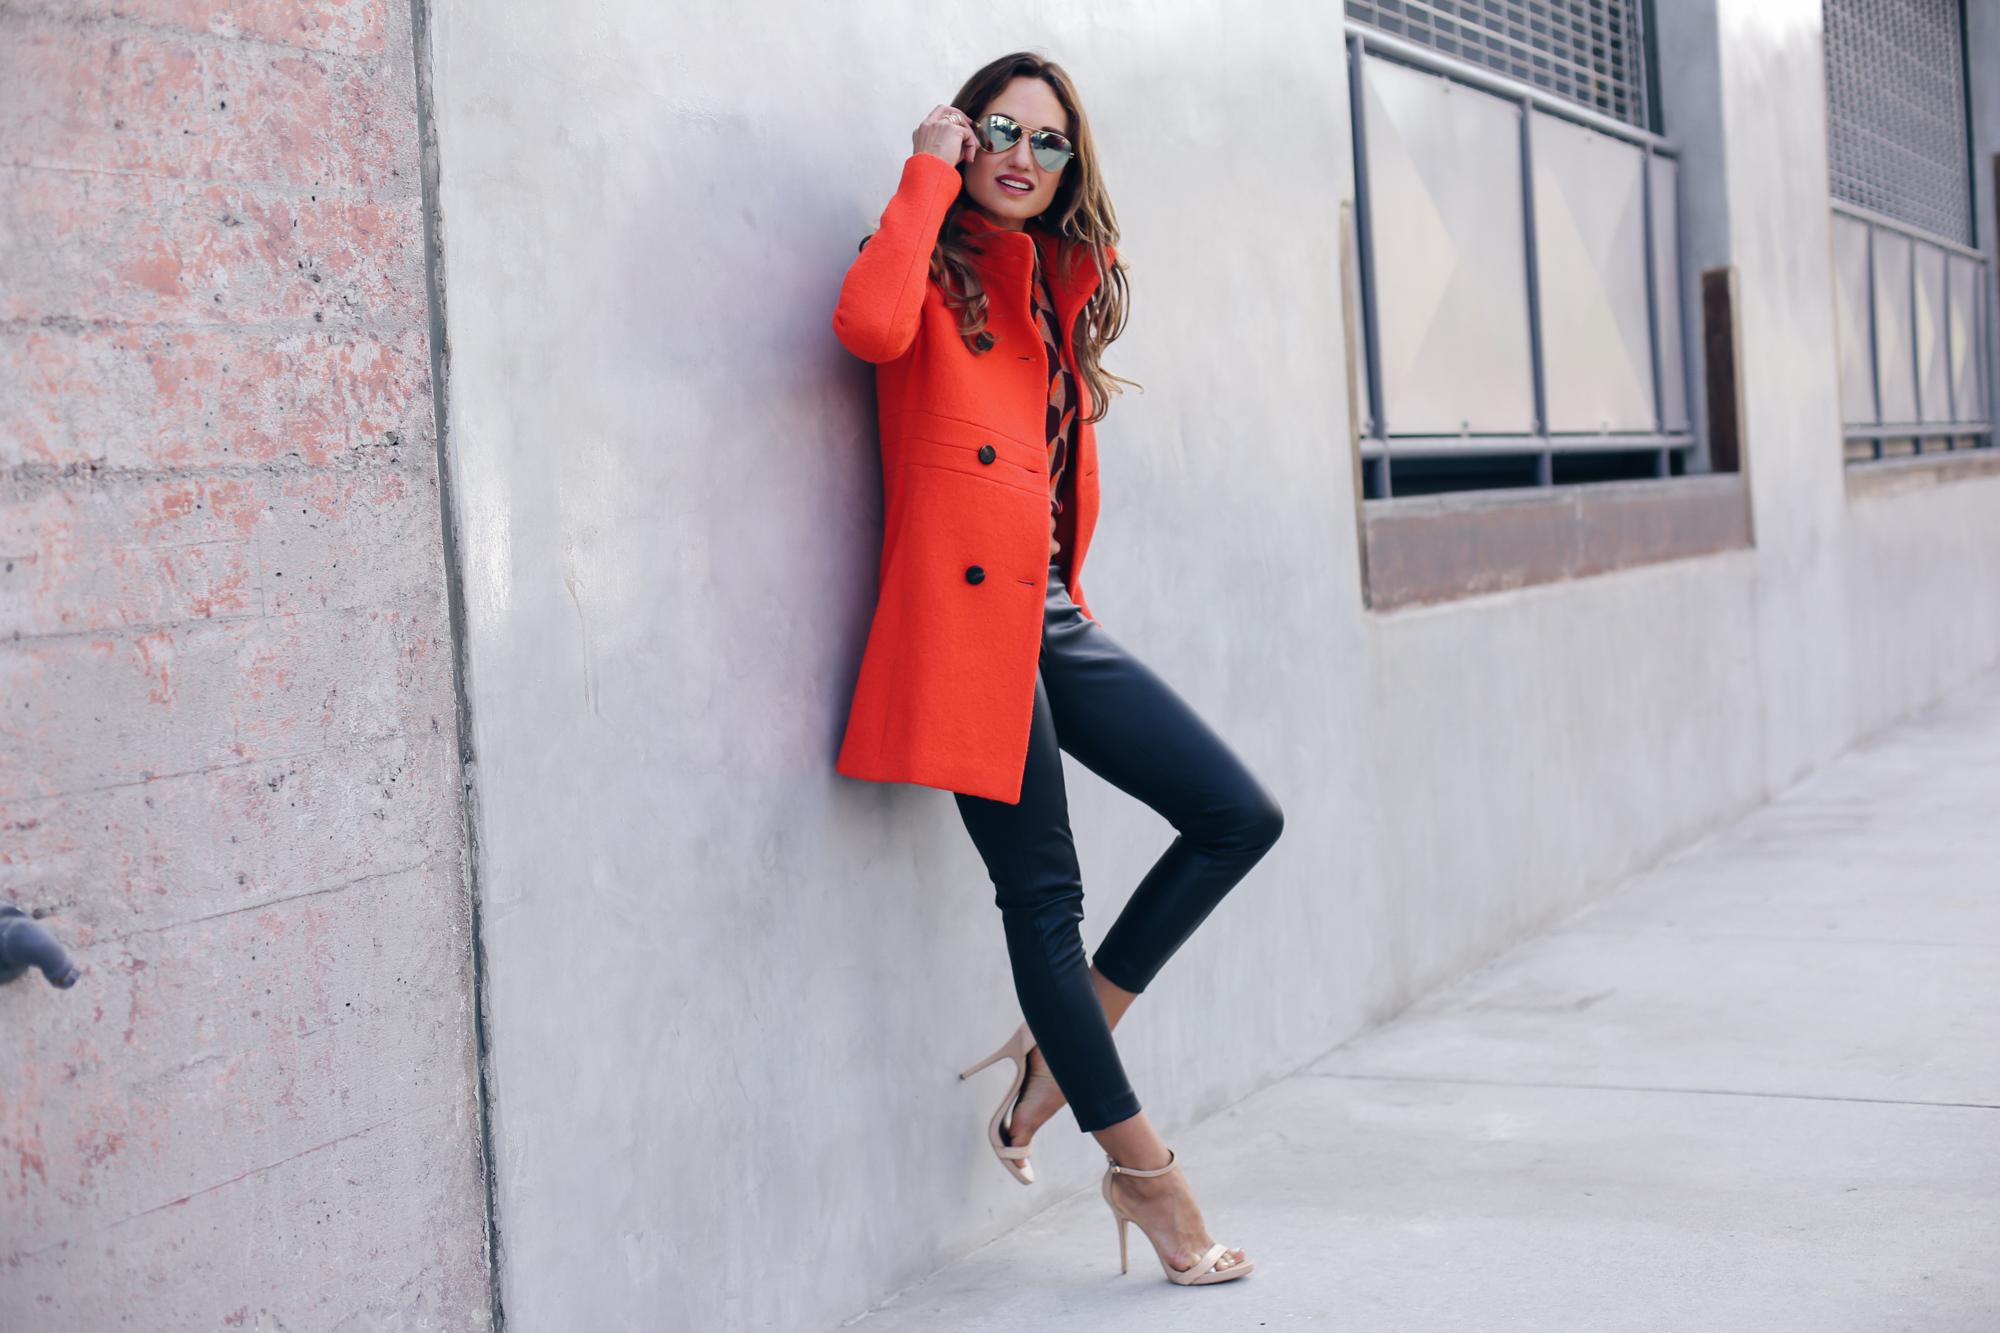 1-orange-jacket-ann-taylor-shalice-noel-ryanbyryanchua-7969-1